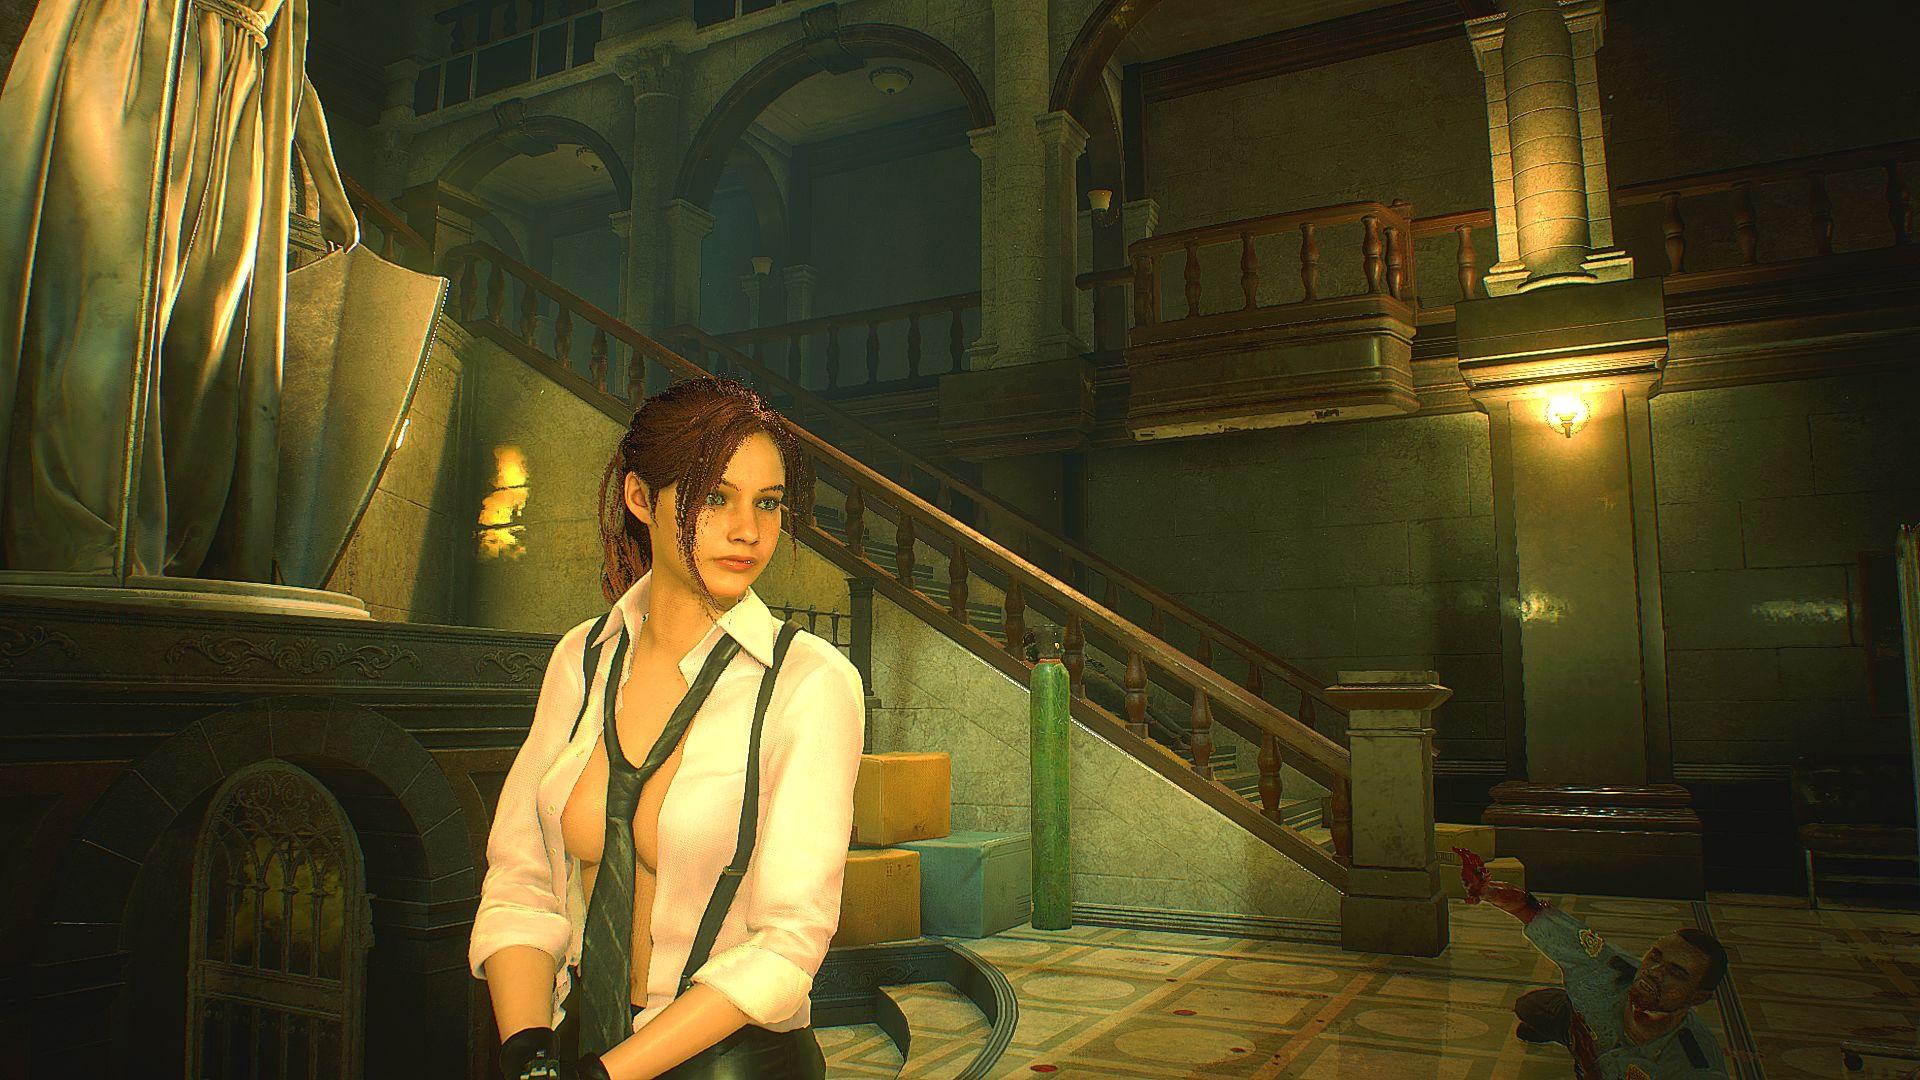 000779.Jpg - Resident Evil 2